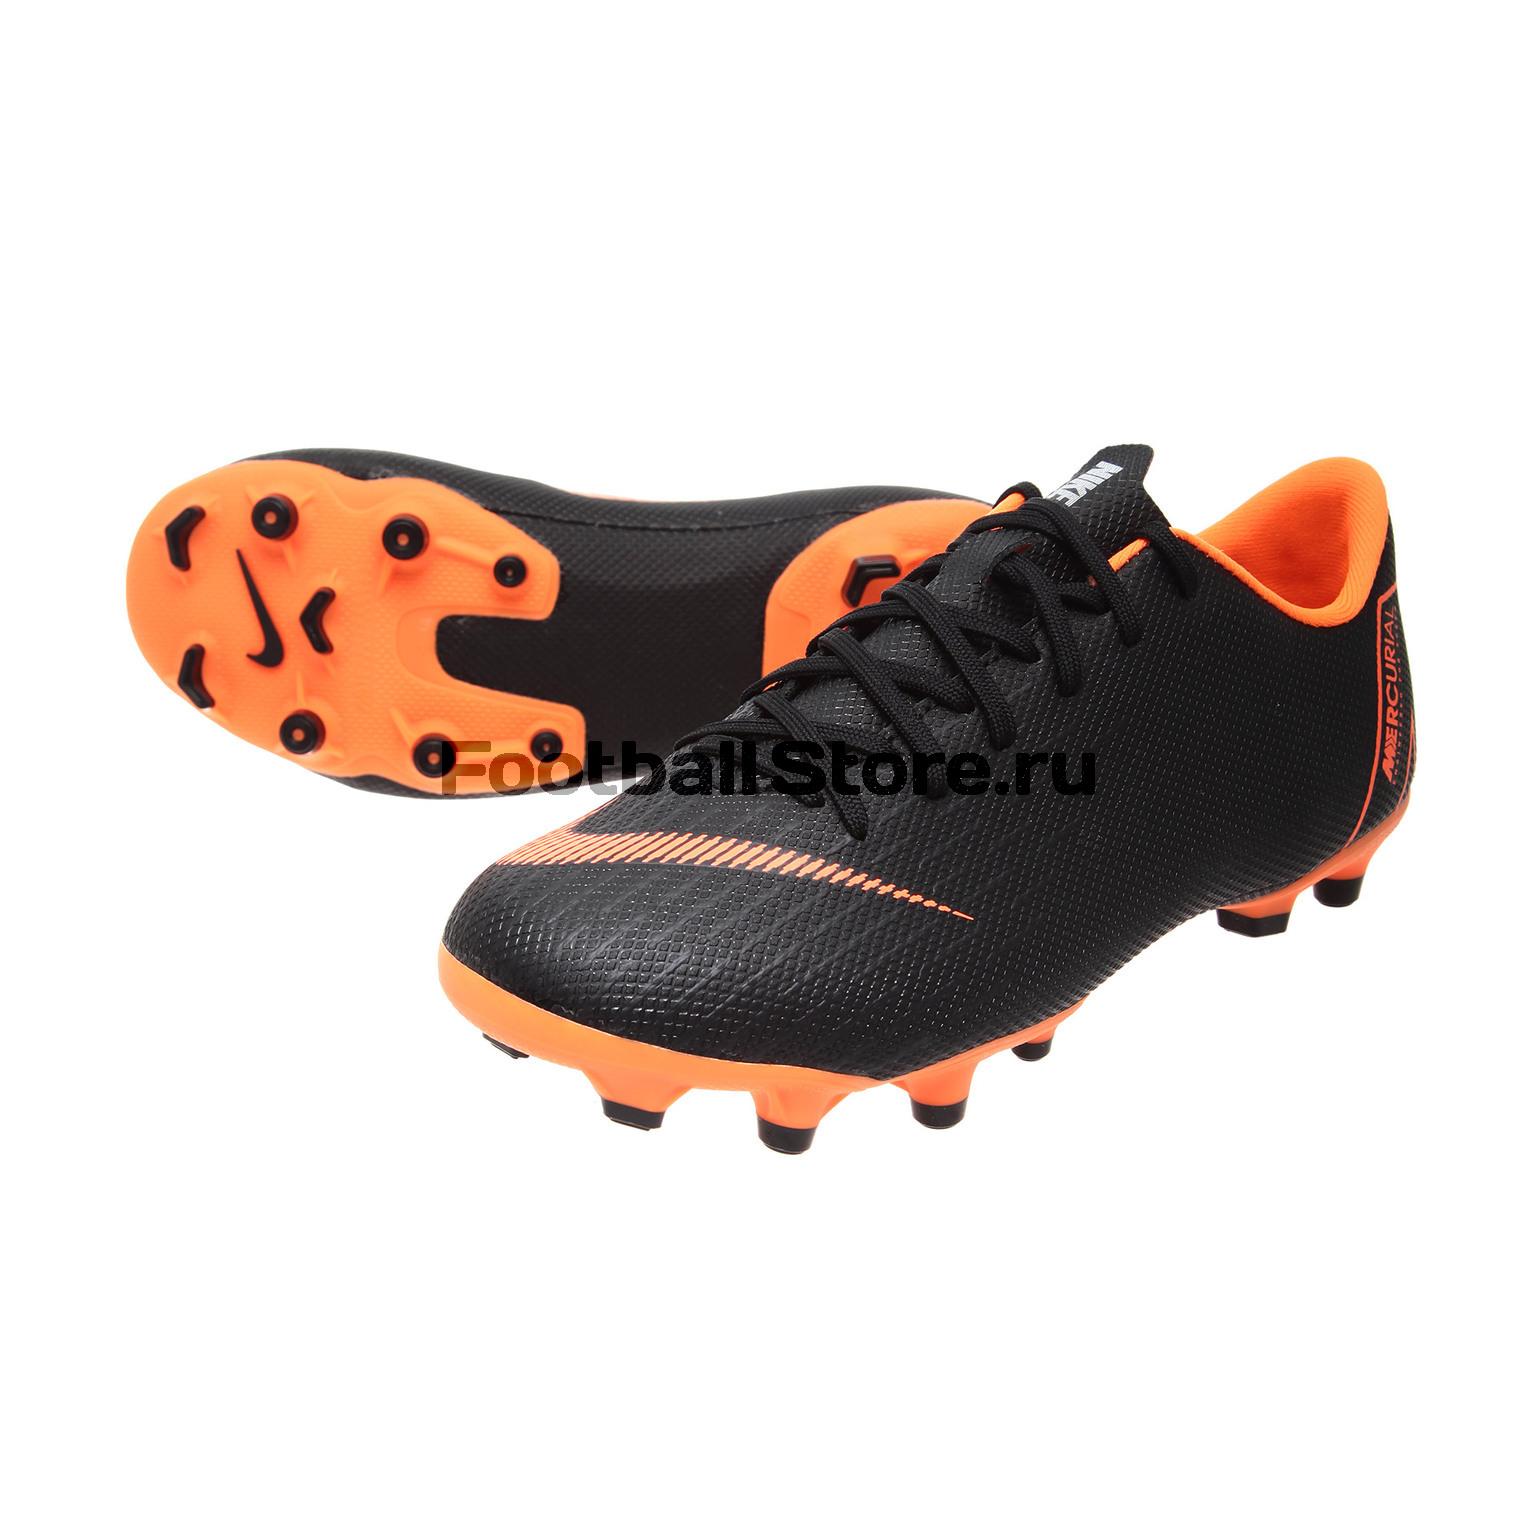 6a140f88 Бутсы детские Nike Vapor 12 Academy GS FG/MG AH7347-081 – купить в ...